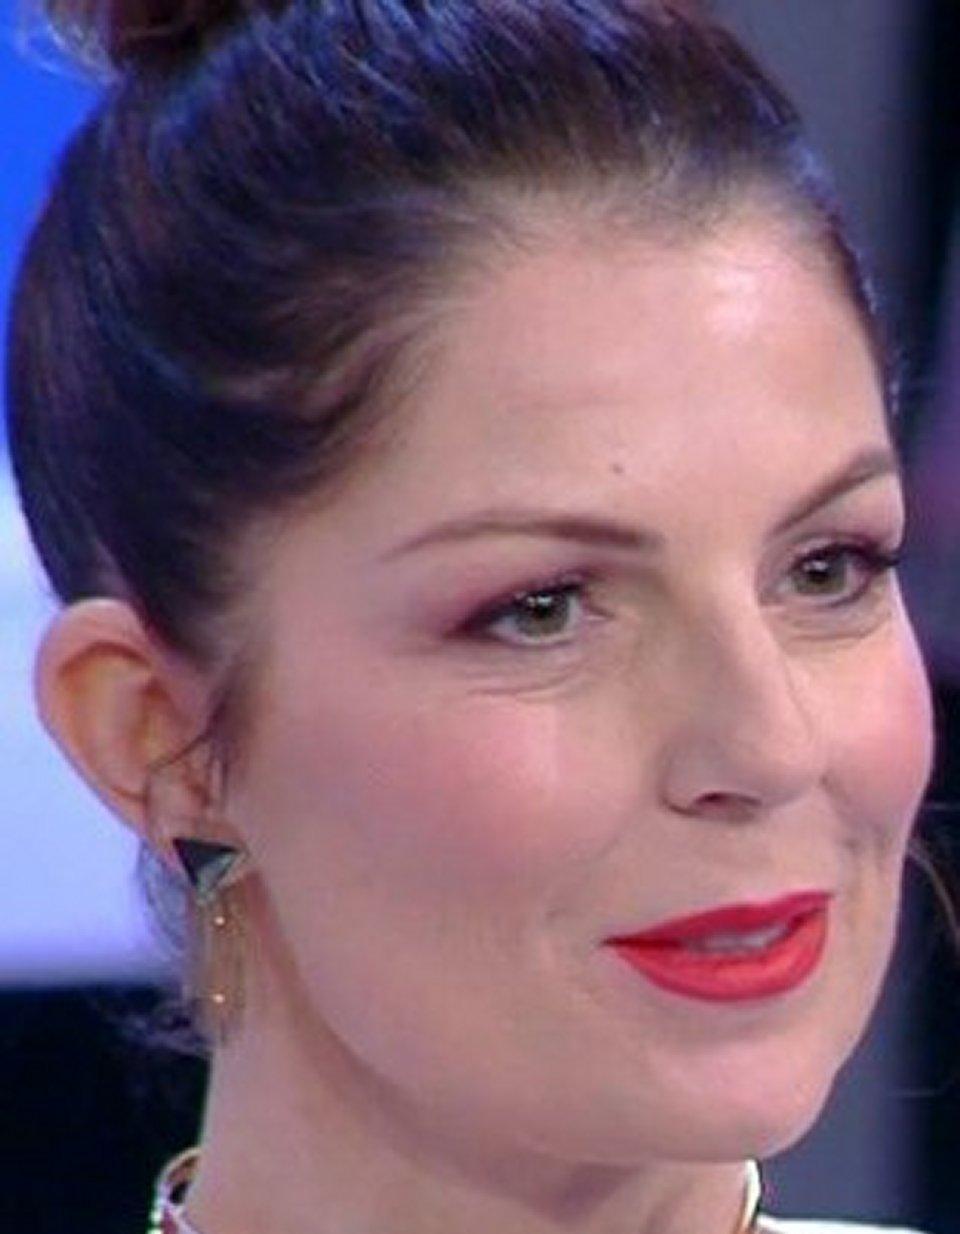 Marina La Rosa rivela il mio ex fidanzato mi picchiava e non ho detto niente